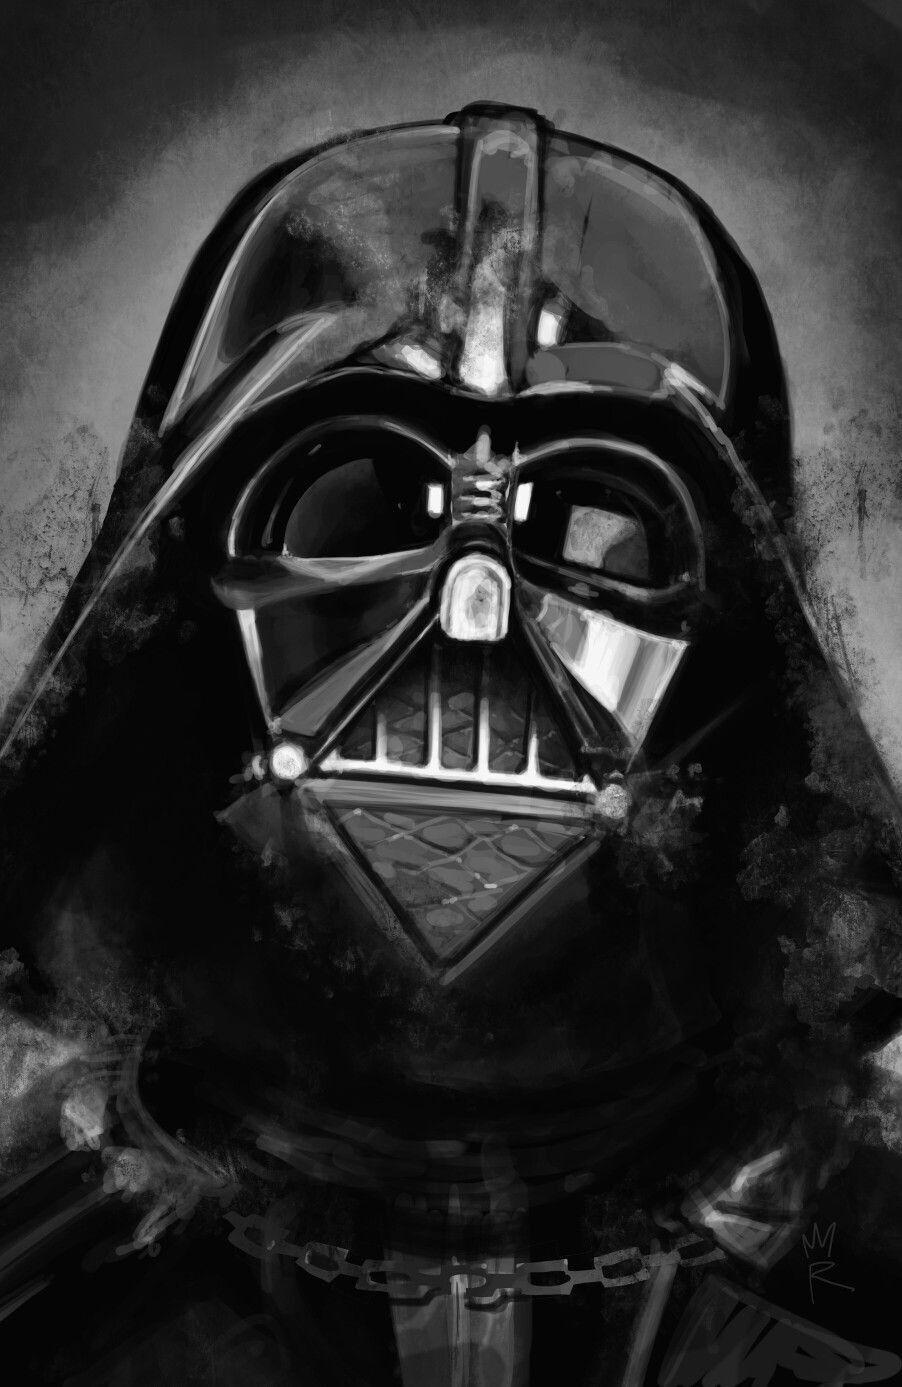 Pin lisääjältä ɴᴇʟʟɪ taulussa Star Wars